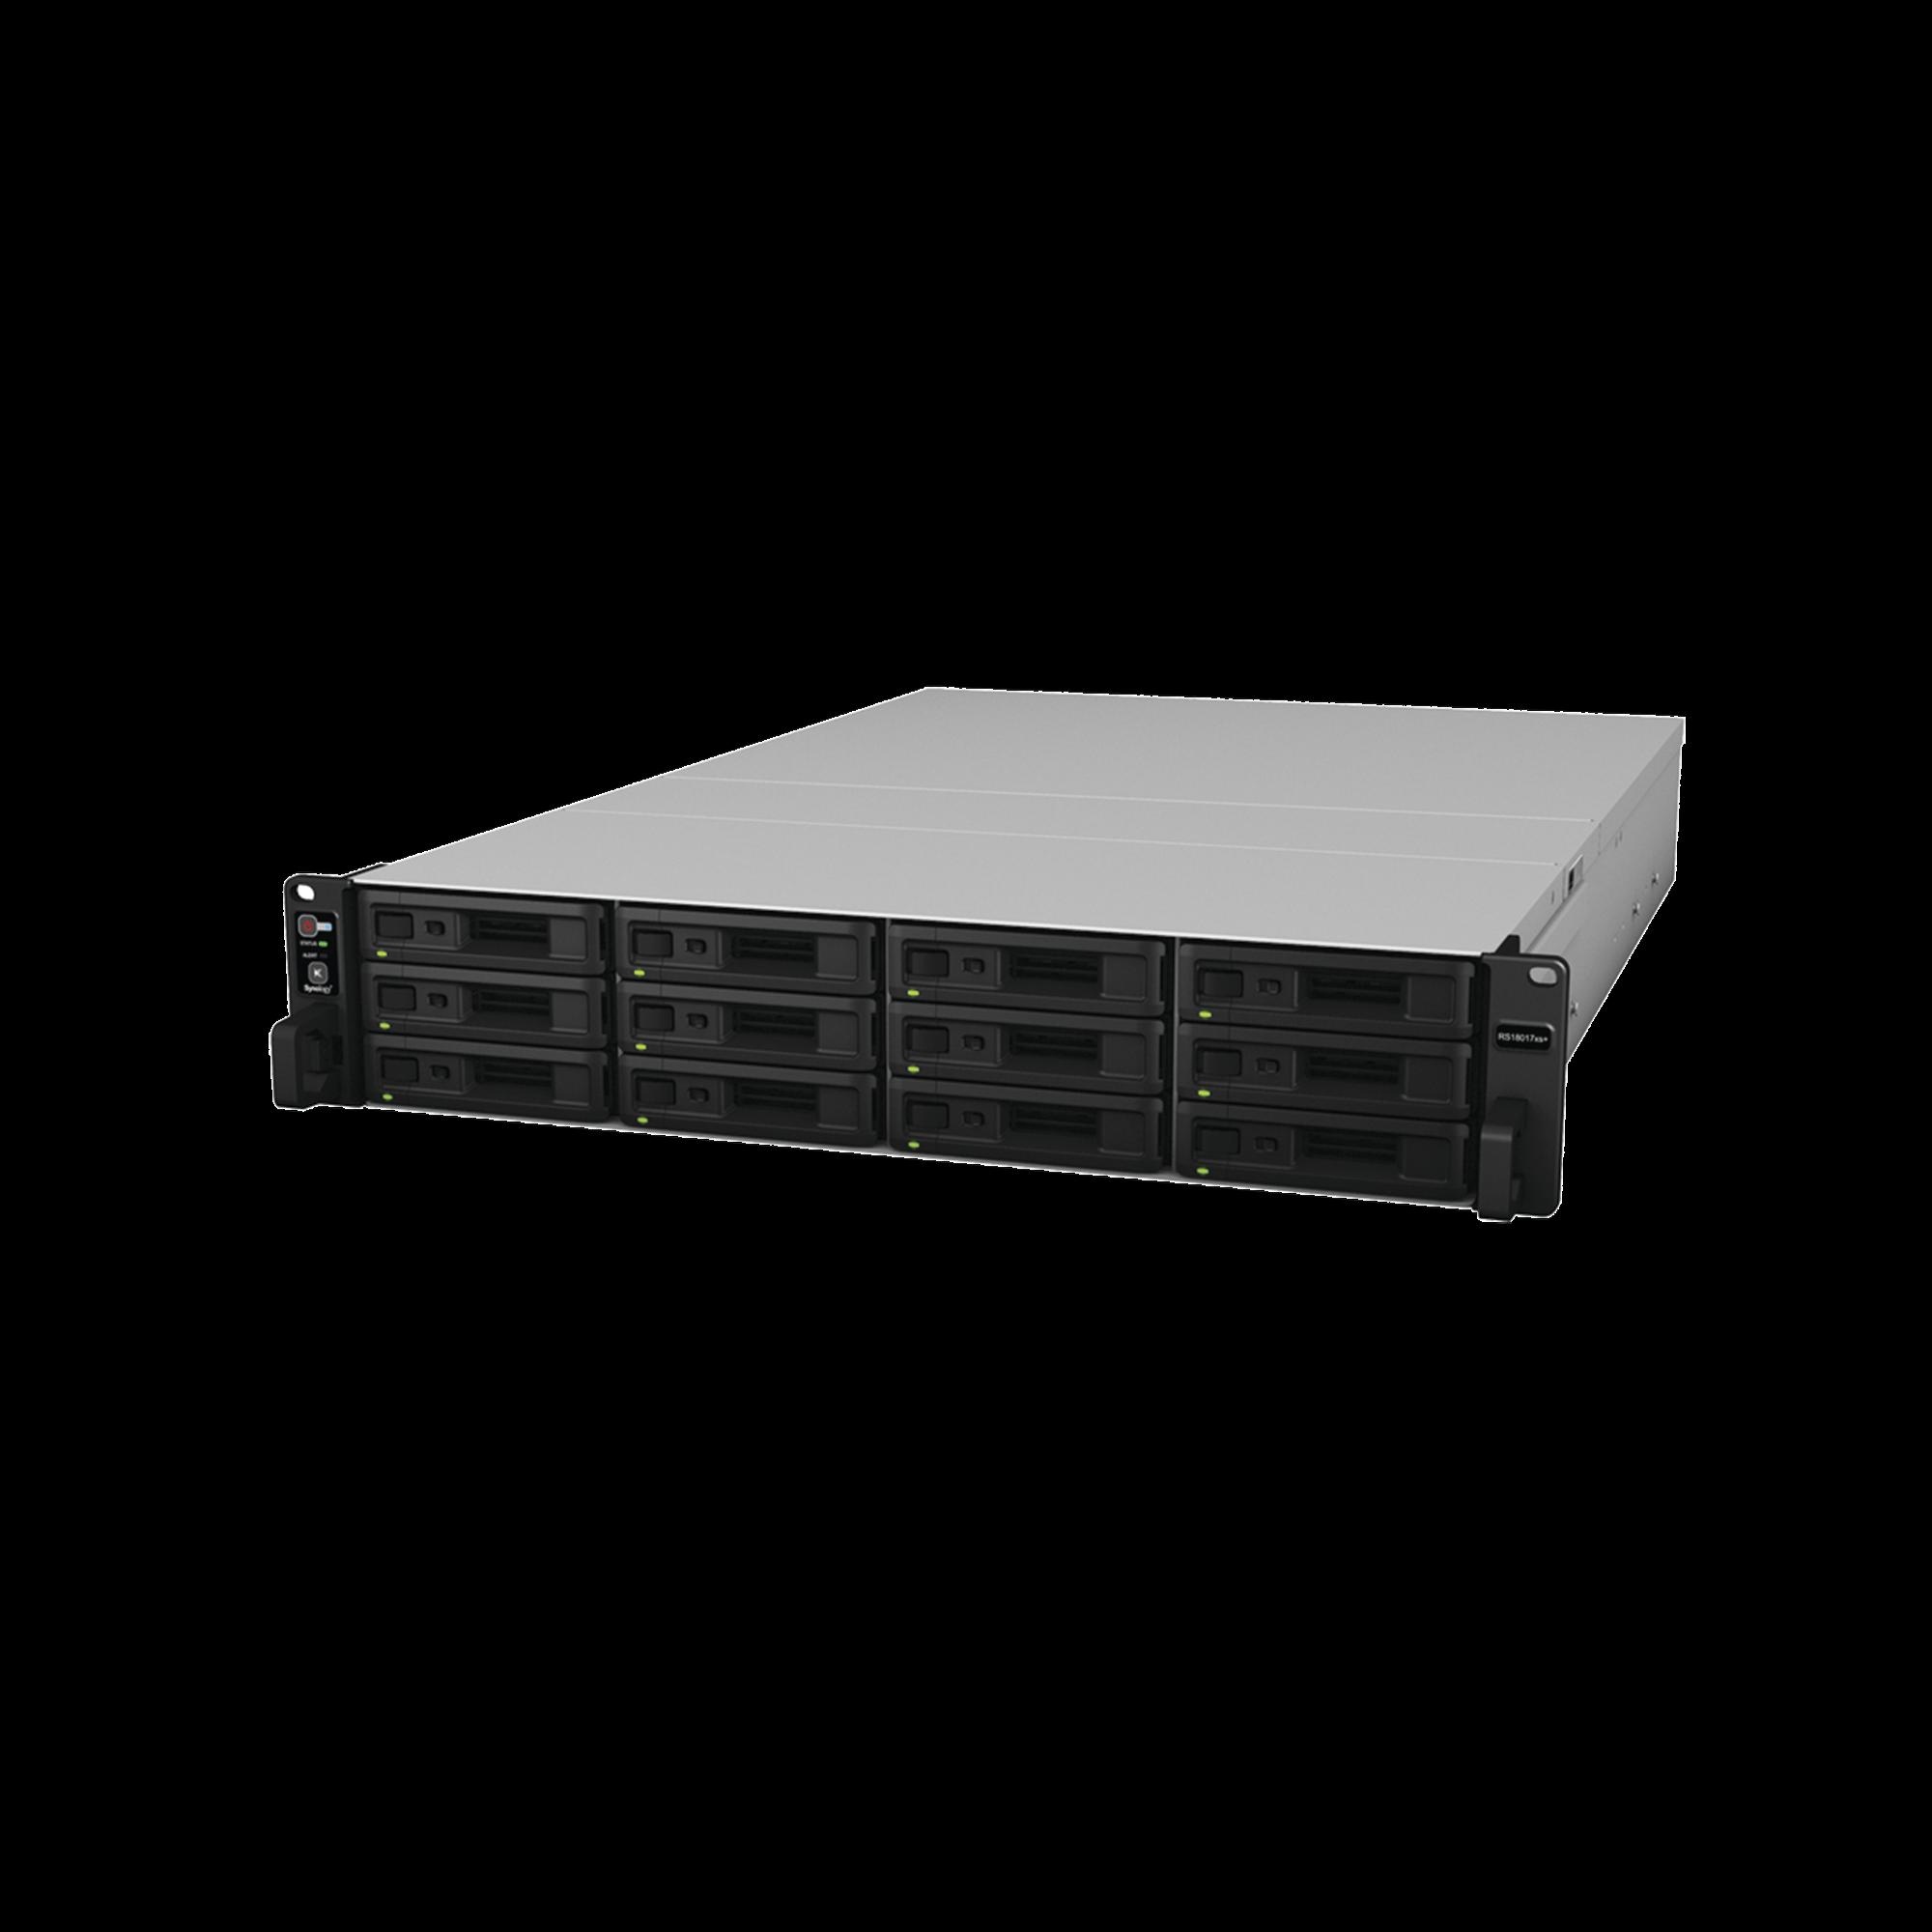 Servidor NAS para rack de 12 bahías / Expandible hasta 180 bahías / Hasta 1,152 TB